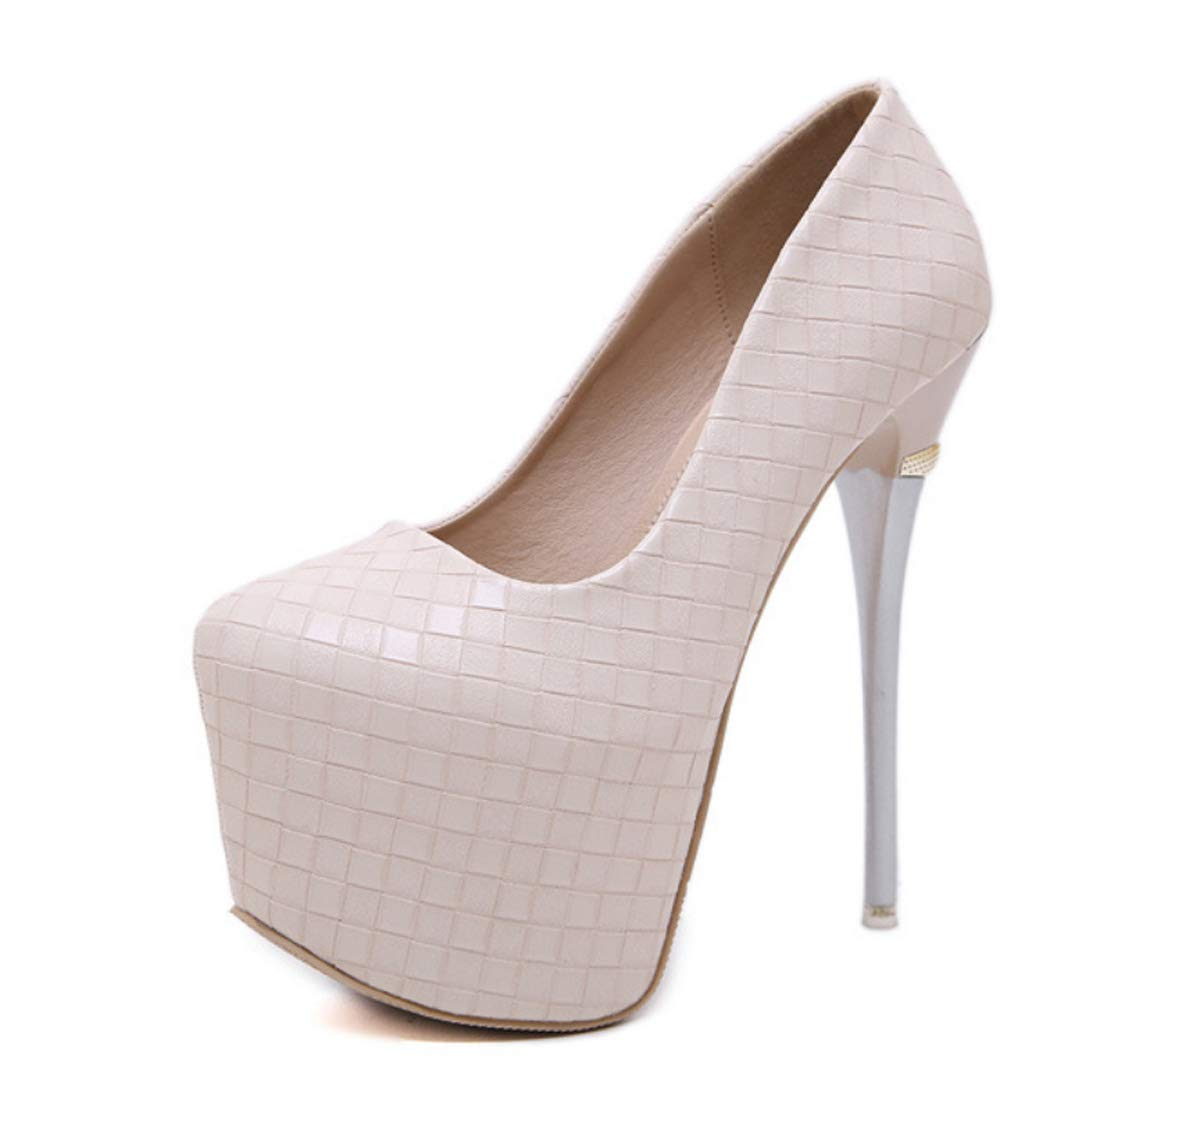 DANDANJIE Frauen runde Zehe Stiletto High Heel Plattform Slip On Sexy Party Schuhe für Frühjahr 2019